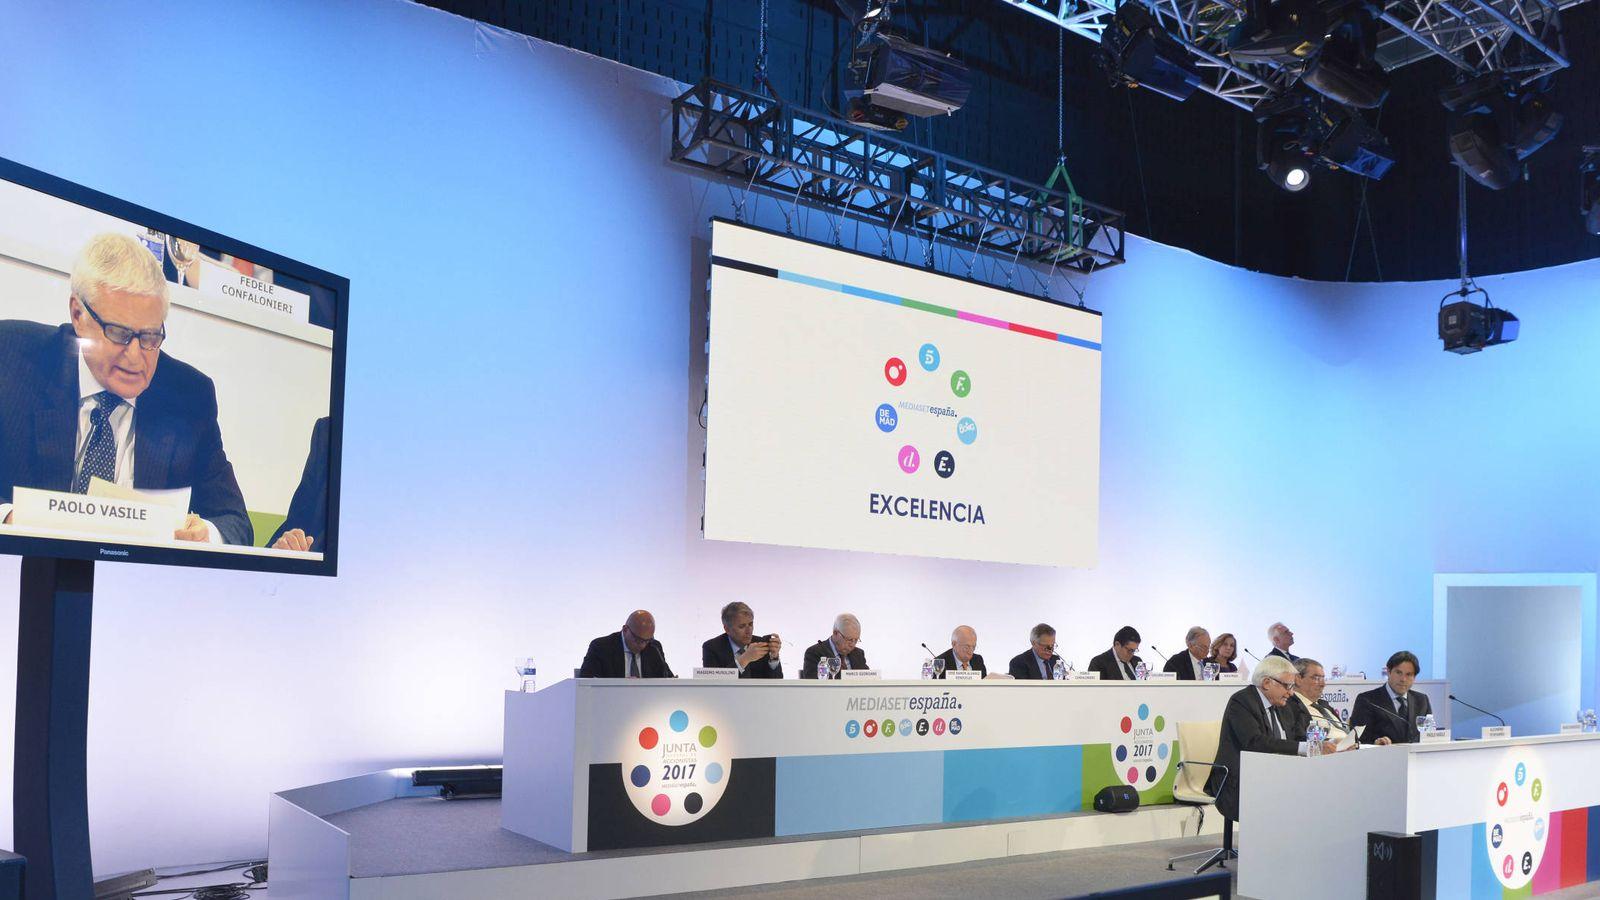 Foto: El consejero delegado de Mediaset, Paolo Vasile. (Mediaset)